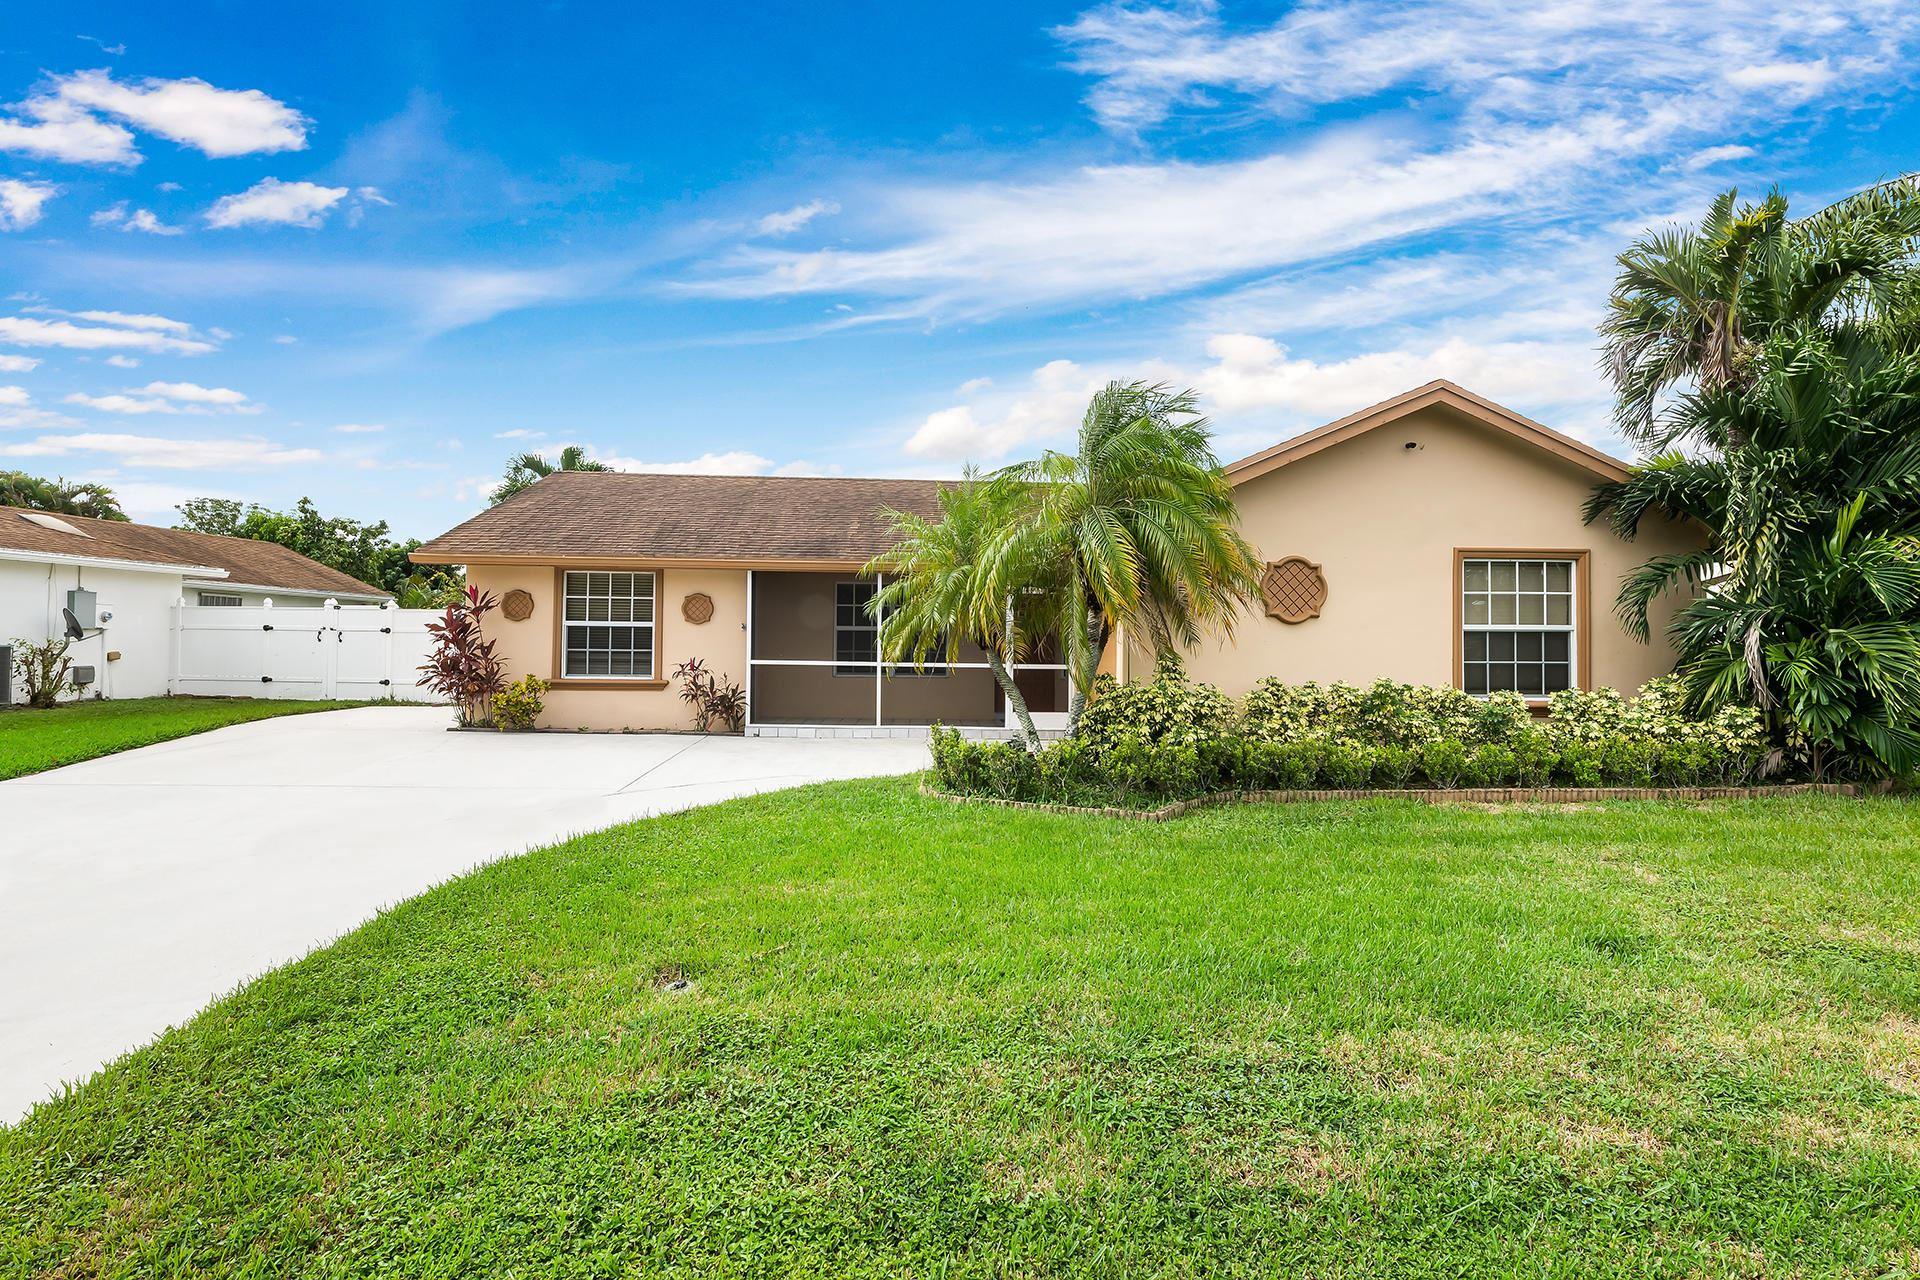 9368 Southampton Place, Boca Raton, FL 33434 - #: RX-10664240